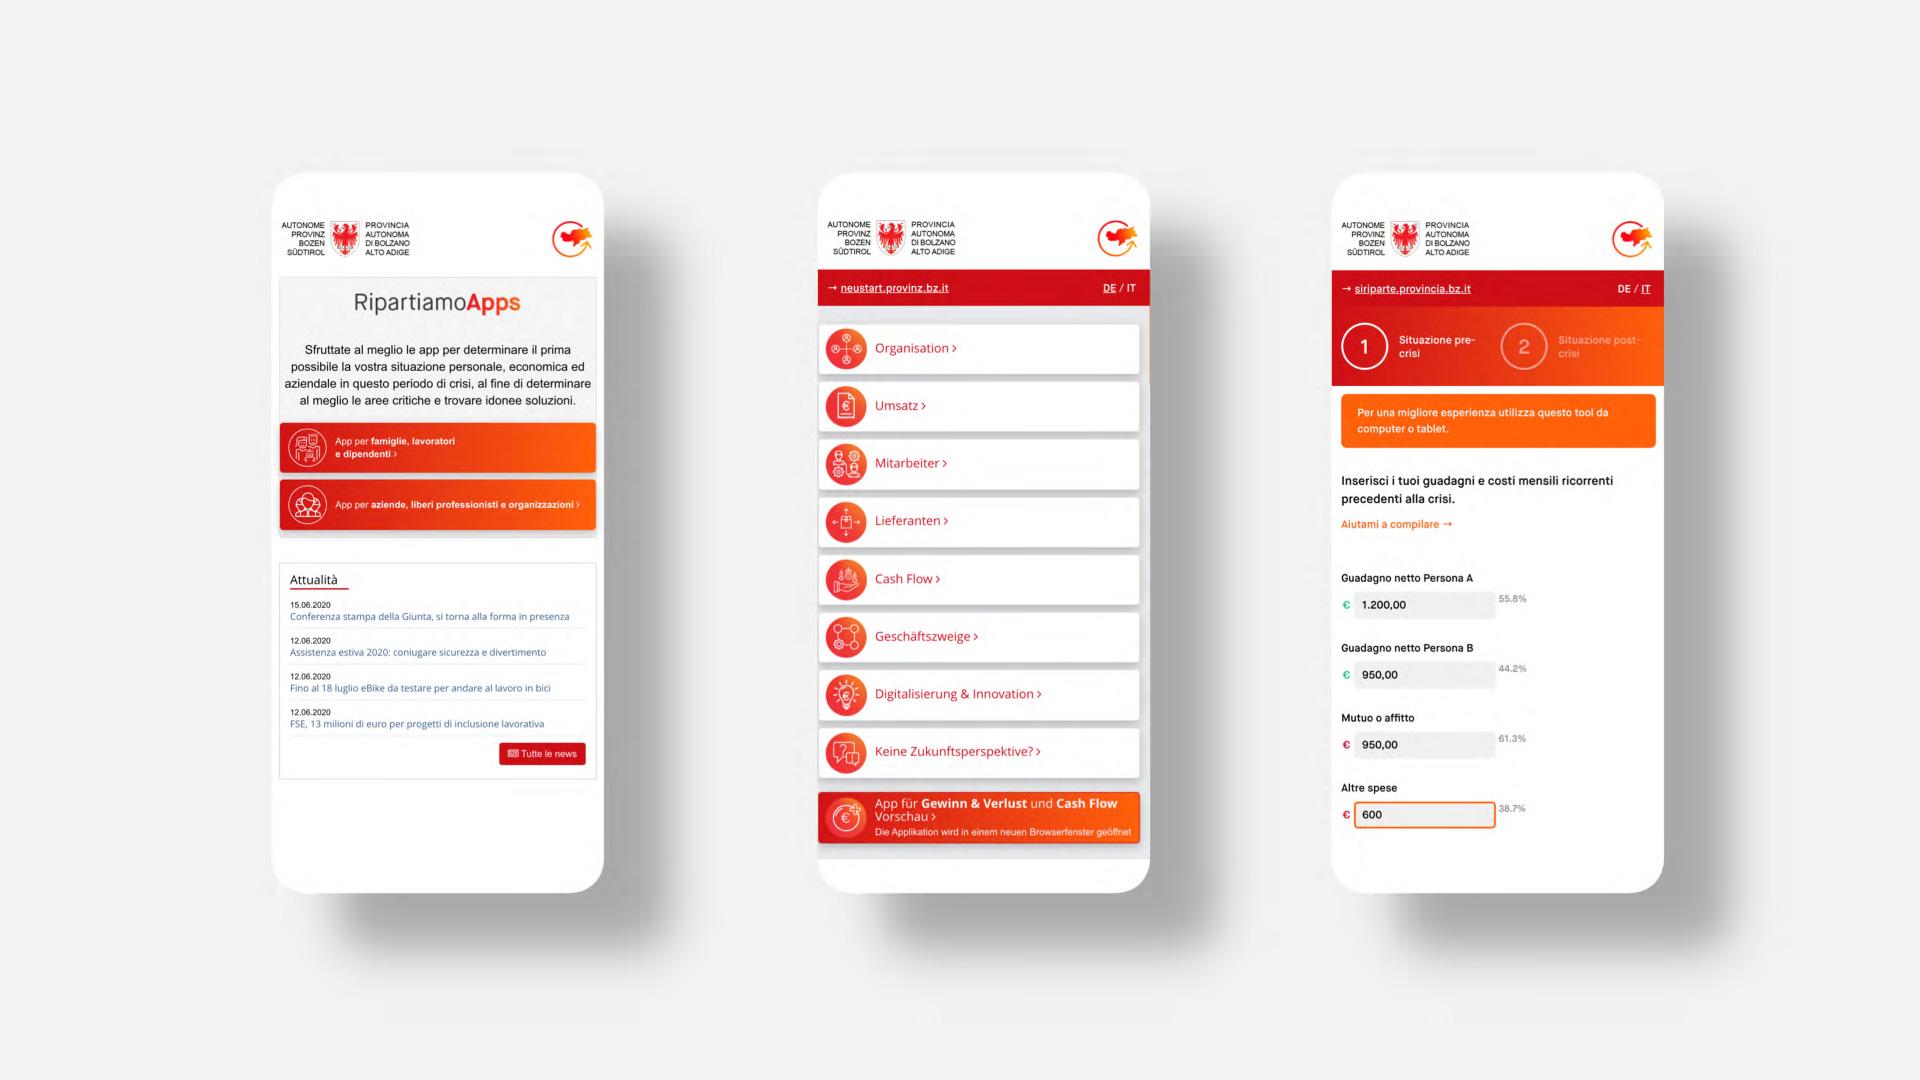 103-neustart-apps